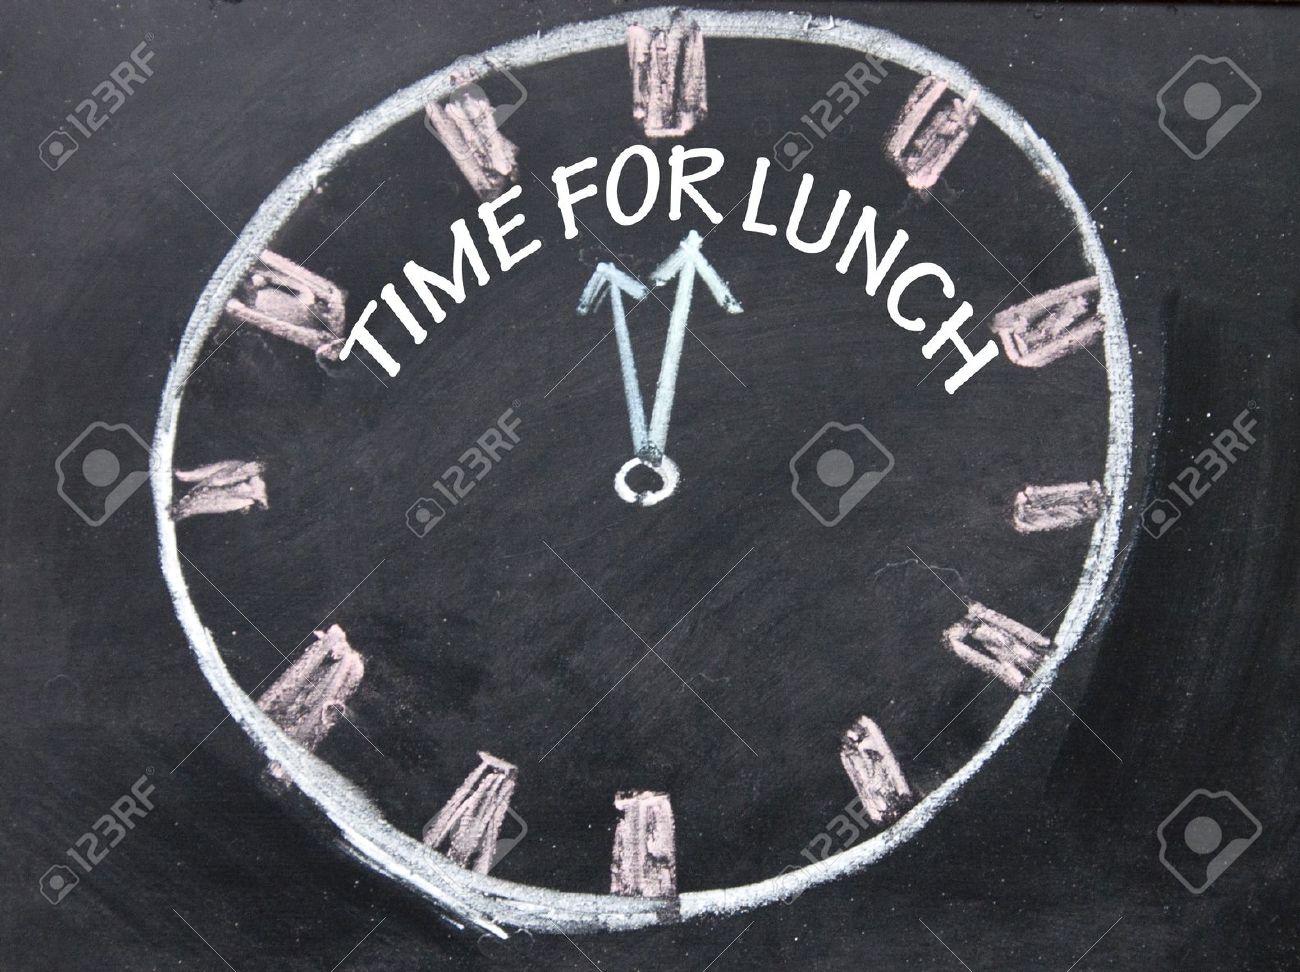 19144075-time-for-lunch-clock-Stock-Photo-break-1481234517.jpg